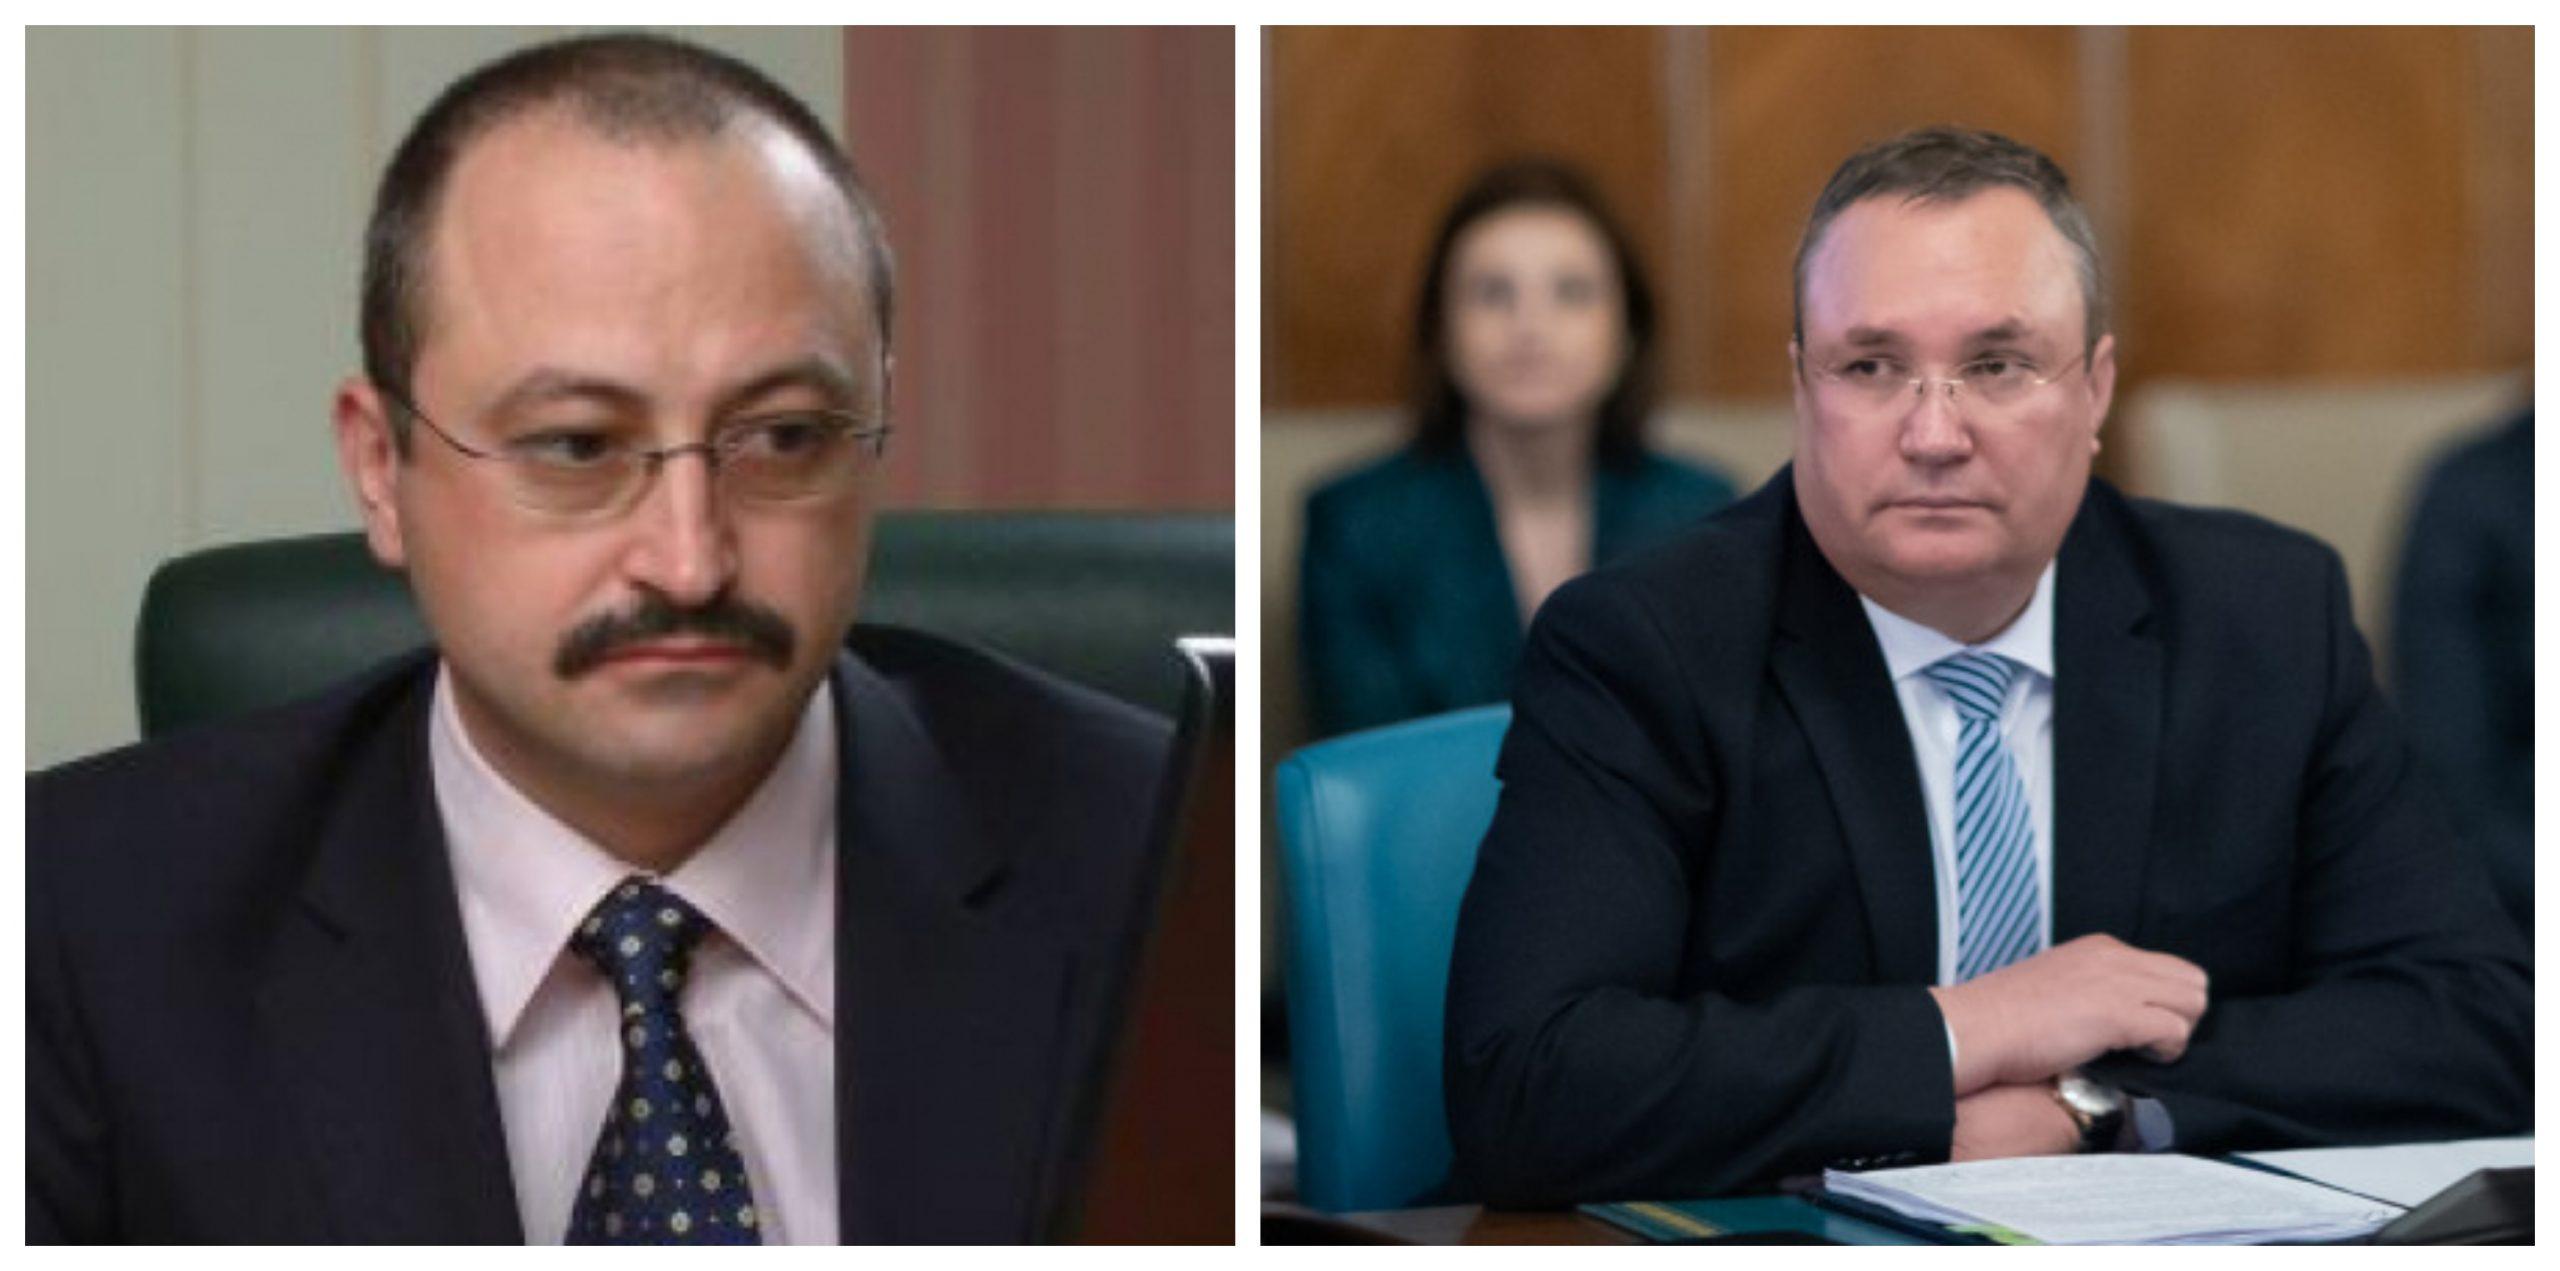 O altă demisie neașteptată! Antonel Tănase renunță la funcția de secretar general al Guvernului, la cererea lui Nicolae Ciucă